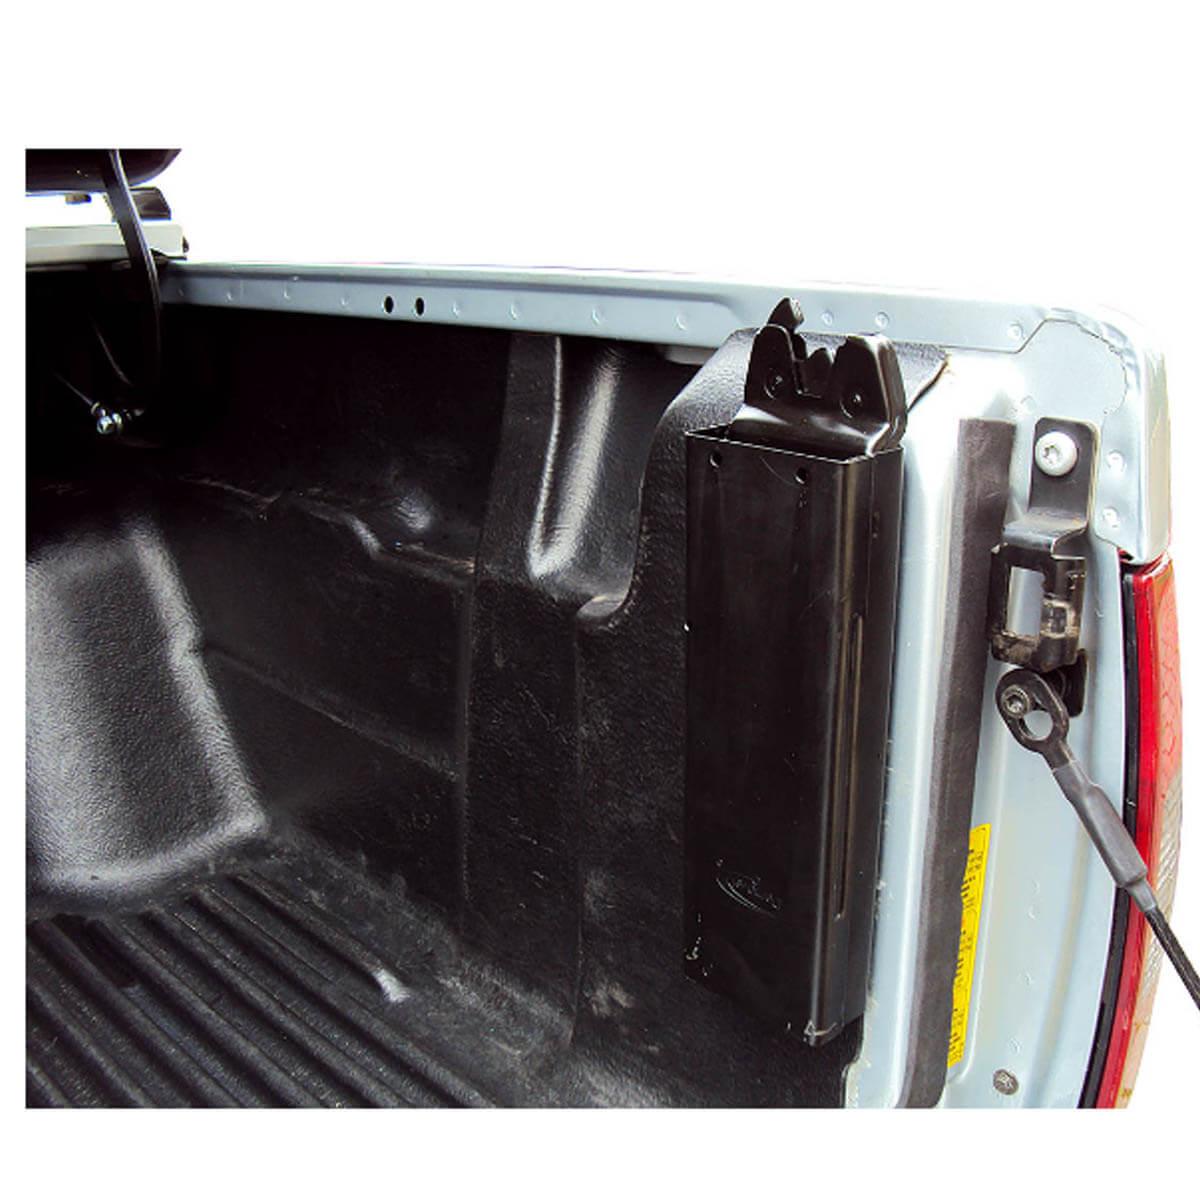 Tampão de aço capota elétrica Nova Ranger cabine dupla 2013 a 2018 LIMITED